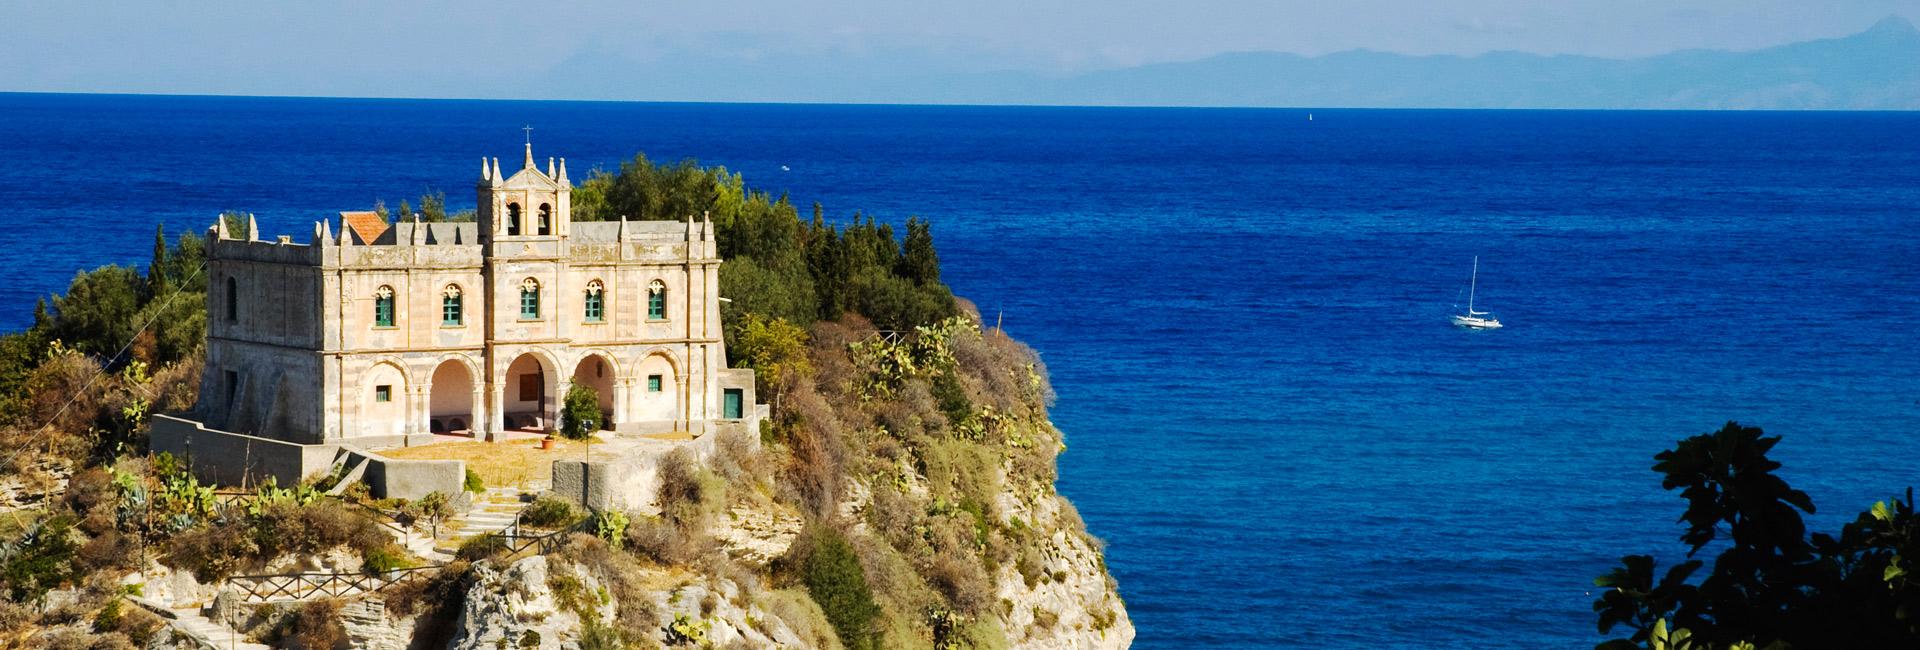 Calabria_Tropea_iStock_000009763395_Large